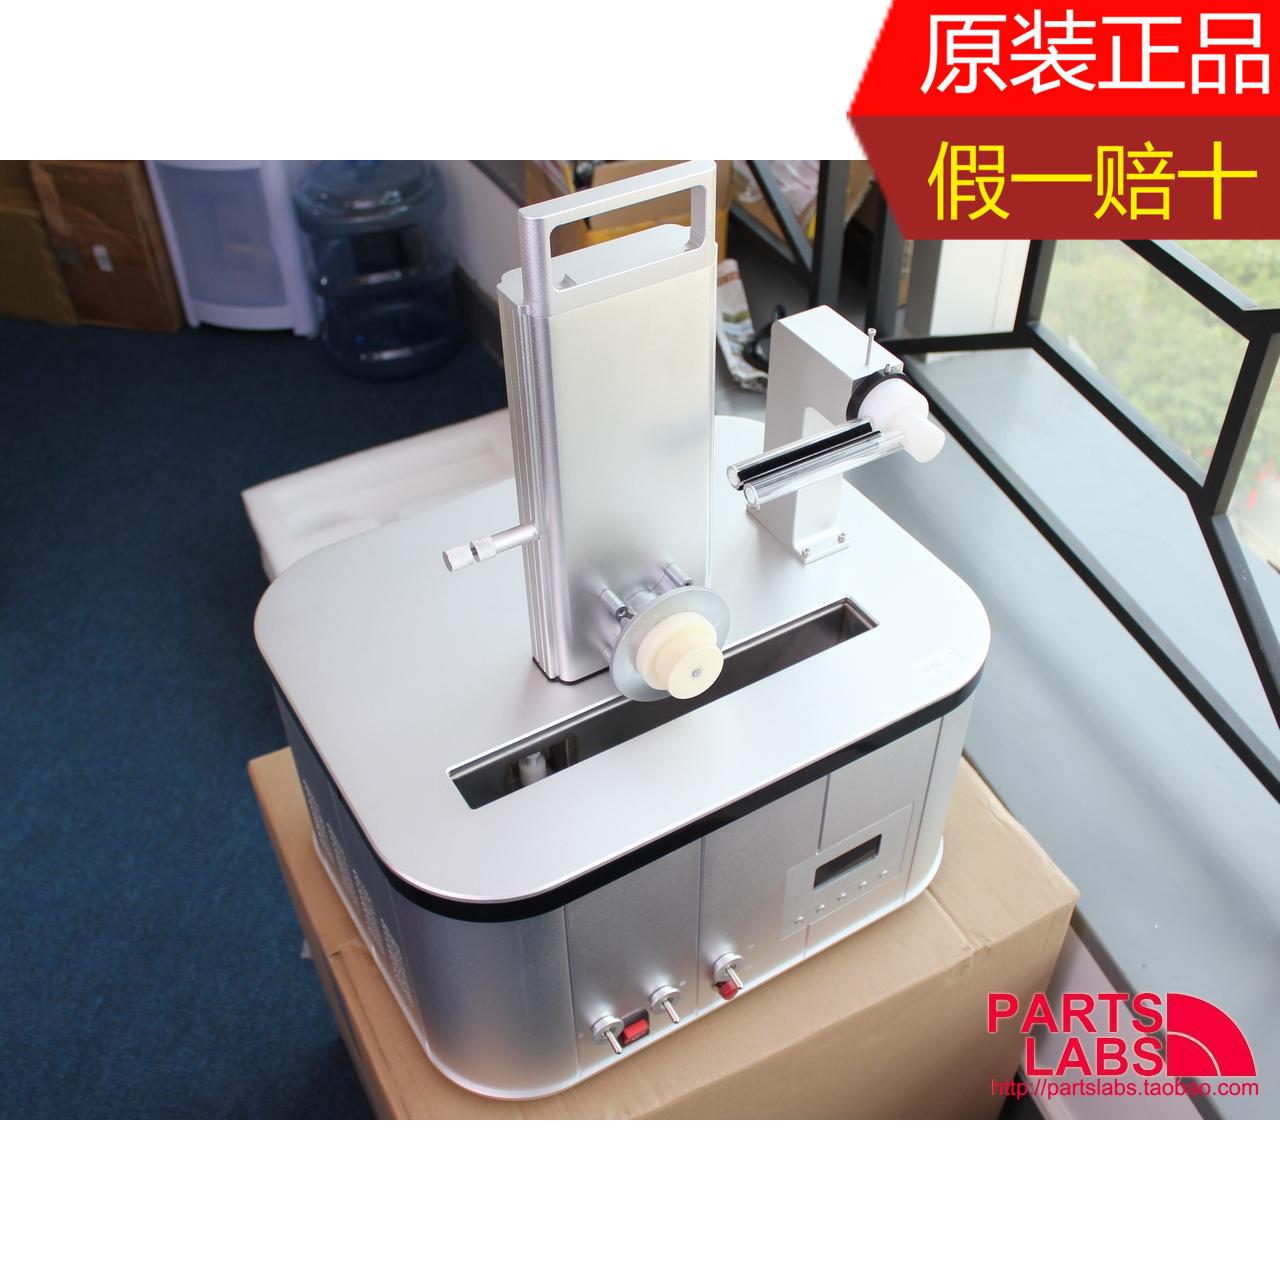 Amari Armani RW800 original LP vinyl ultrasonic washing machine dishwasher shipping